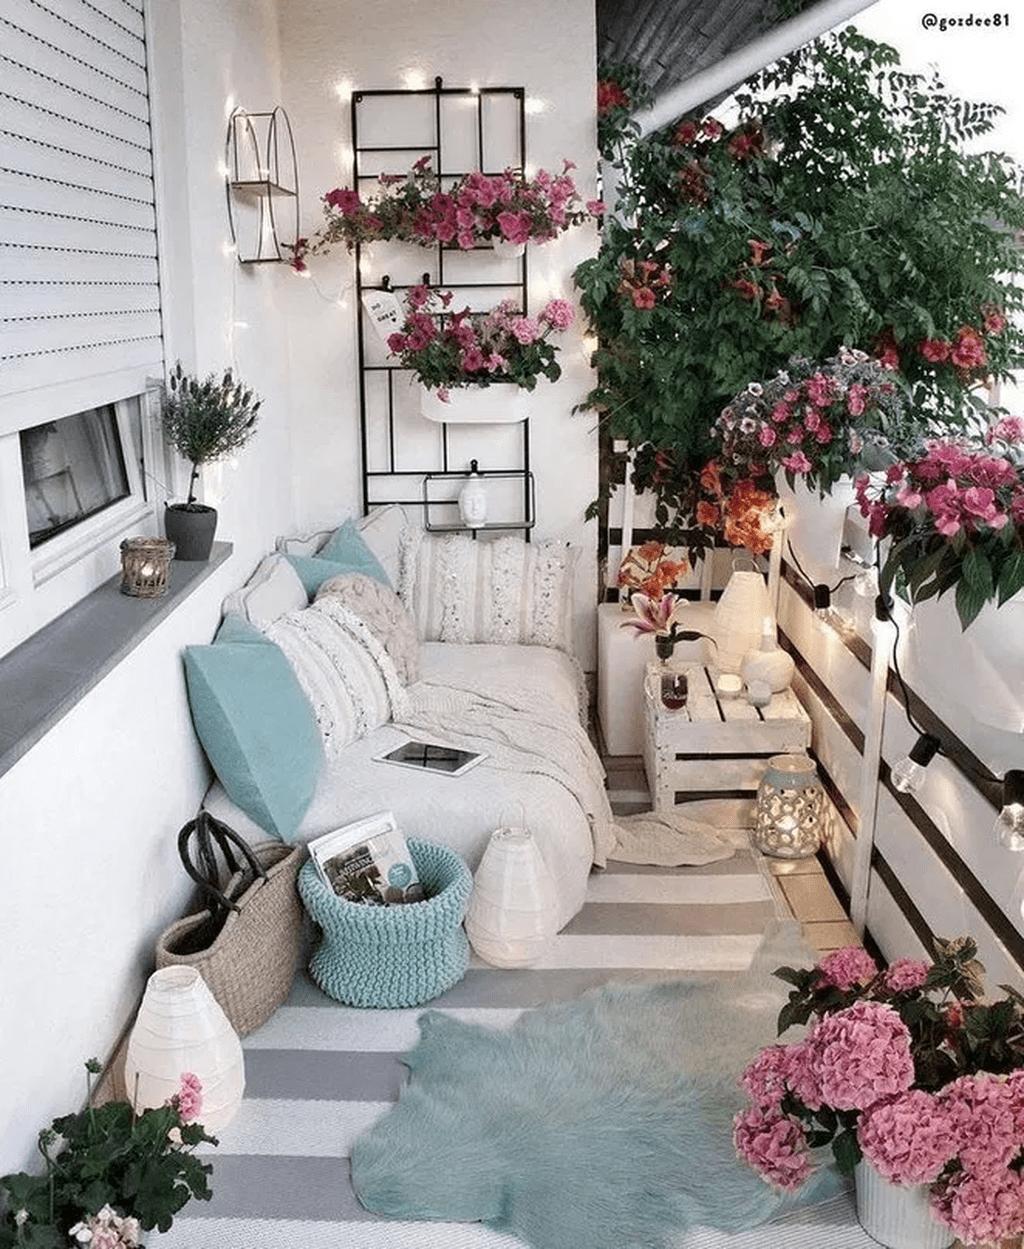 The Best Apartment Balcony Decor Ideas For Fall Season 14